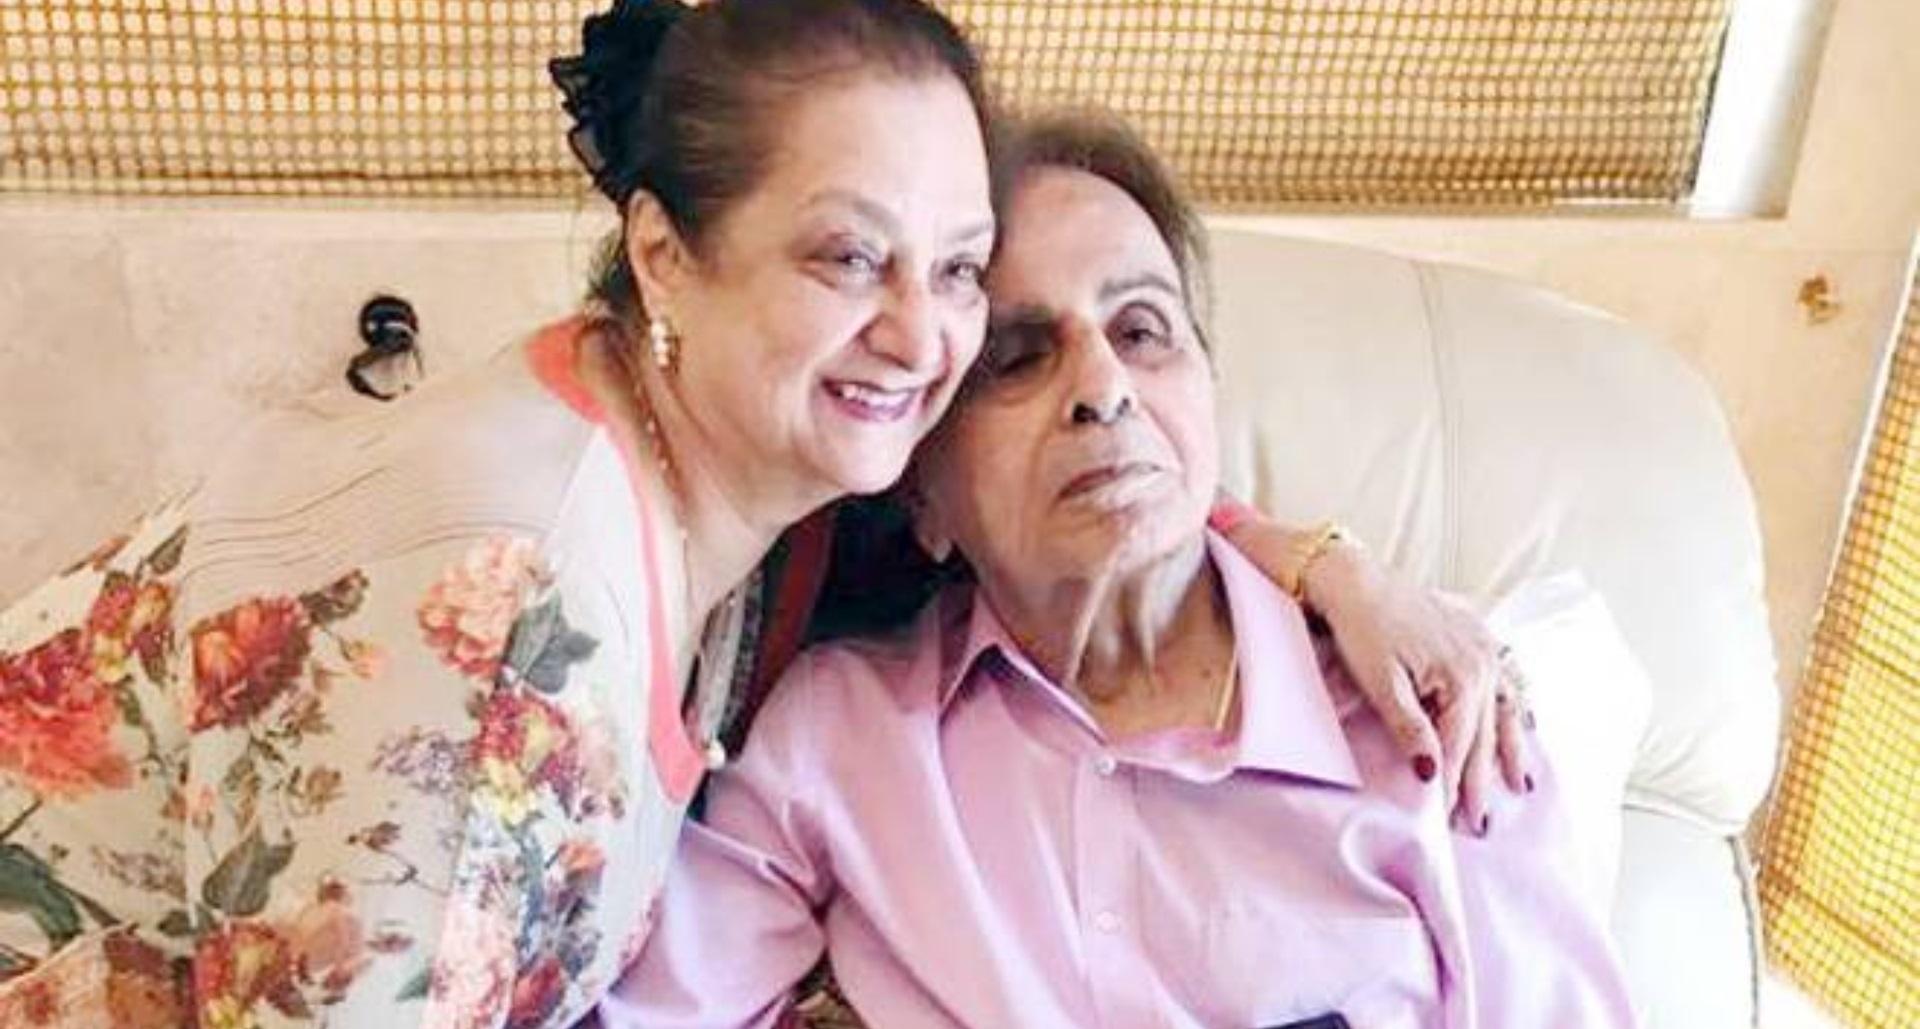 """Coronavirus के चलते हर कोई अपना एक्स्ट्रा ध्यान रख रहा है। ऐसे में 97 वर्षीय दिग्गज अभिनेता दिलीप कुमार (Dilip Kumar) का भी ज्यादा ख़याल रखा जा रहा है और ऐस में उनकी पत्नी और अभिनेत्री सायरा बानो (Saira Bano) भी उन पर पूरा ध्यान दे रही हैं। कोरोनावायरस के चलते देशभर में कई मॉल्स, सिनेमाघर, स्कूल्स वगैरह बंद हो चुके हैं। औसत संख्या देखें तो ये वायरस उन लोगों को लग रहा है जिनकी इम्युनिटी बहुत कम है और ऐसे में जो उम्रदराज़ी लोग हैं उन्हें इससे बचना बेहद जरूरी है। सभी जानते हैं कि दिलीप कुमार अपनी उम्र के चलते काफी बीमार रहने लगे हैं लेकिन, उनकी पत्नी सायरा बानो उनका पूरा ध्यान रखती हैं। क्कुह दिनों पहले उन्होंने दिलीप कुमार के ट्विटर अकाउंट पर एक वीडियो शेयर करते हुए बताया था कि वो दिलीप साहब को लेकर अस्पताल गई थीं और अब वो बिलकुल ठीक हैं। सायरा हर थोड़े दिनों में दिलीप साहब के स्वास्थ्य के बारे में ट्विटर पर पोस्ट करती रहती हैं। अब उन्होंने कोरोनावायरस से बचने के लिए भी दिलीप का खासा ध्यान रखना शुरू किया है जिसकी जानकारी उन्होंने खुद अपने सोशल अकाउंट पर पोस्ट के ज़रिये दी है। उन्होंने लिखा है – """"कोरोना वायरस की वजह से मैं पूरी तरह से आइसोलेशन और क्वारेनटाइन में हूं। सायरा इसका पूरा ध्यान रख रही हैं कि मुझे किसी भी तरह का कोई इंफेक्शन न हो।"""" बता दें कि दिलीप कुमार की तबीयत लंबे समय से नासाज चल रही है। हालाँकि, शुक्र है सायरा का जो लगातार अपने और दिलीप के फैंस को अपडेट देती रहती हैं।"""